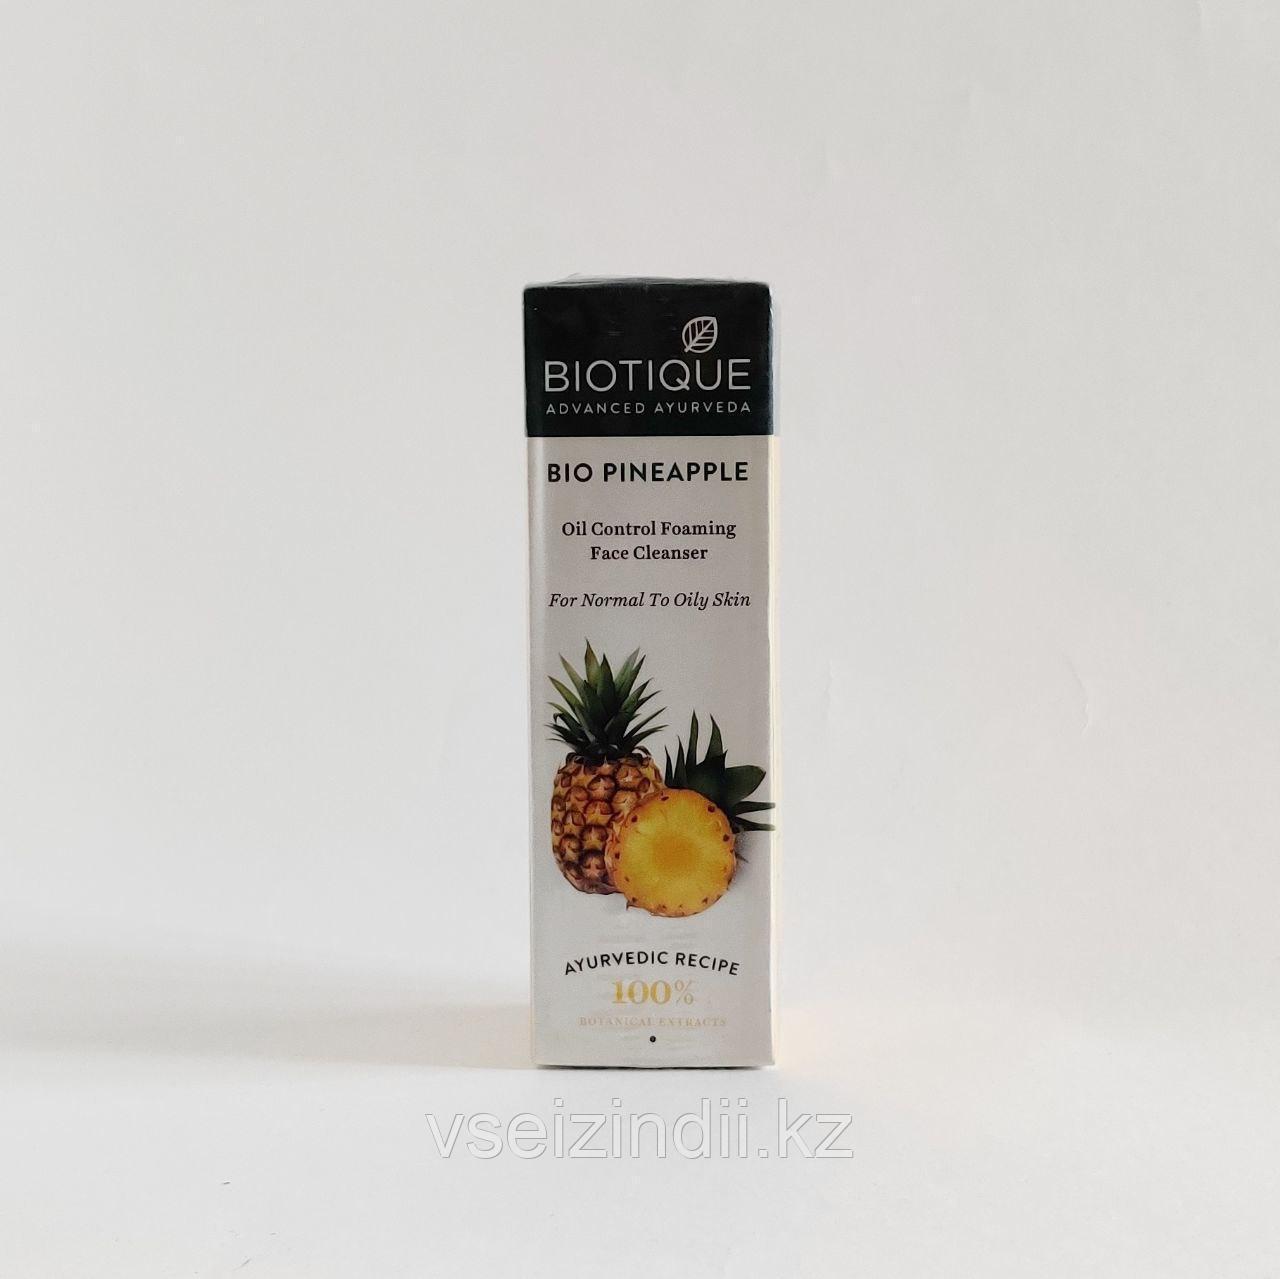 """Гель для умывания, Биотик """"Био Ананас"""" 120 мл, Bio Pineapple, Biotique"""